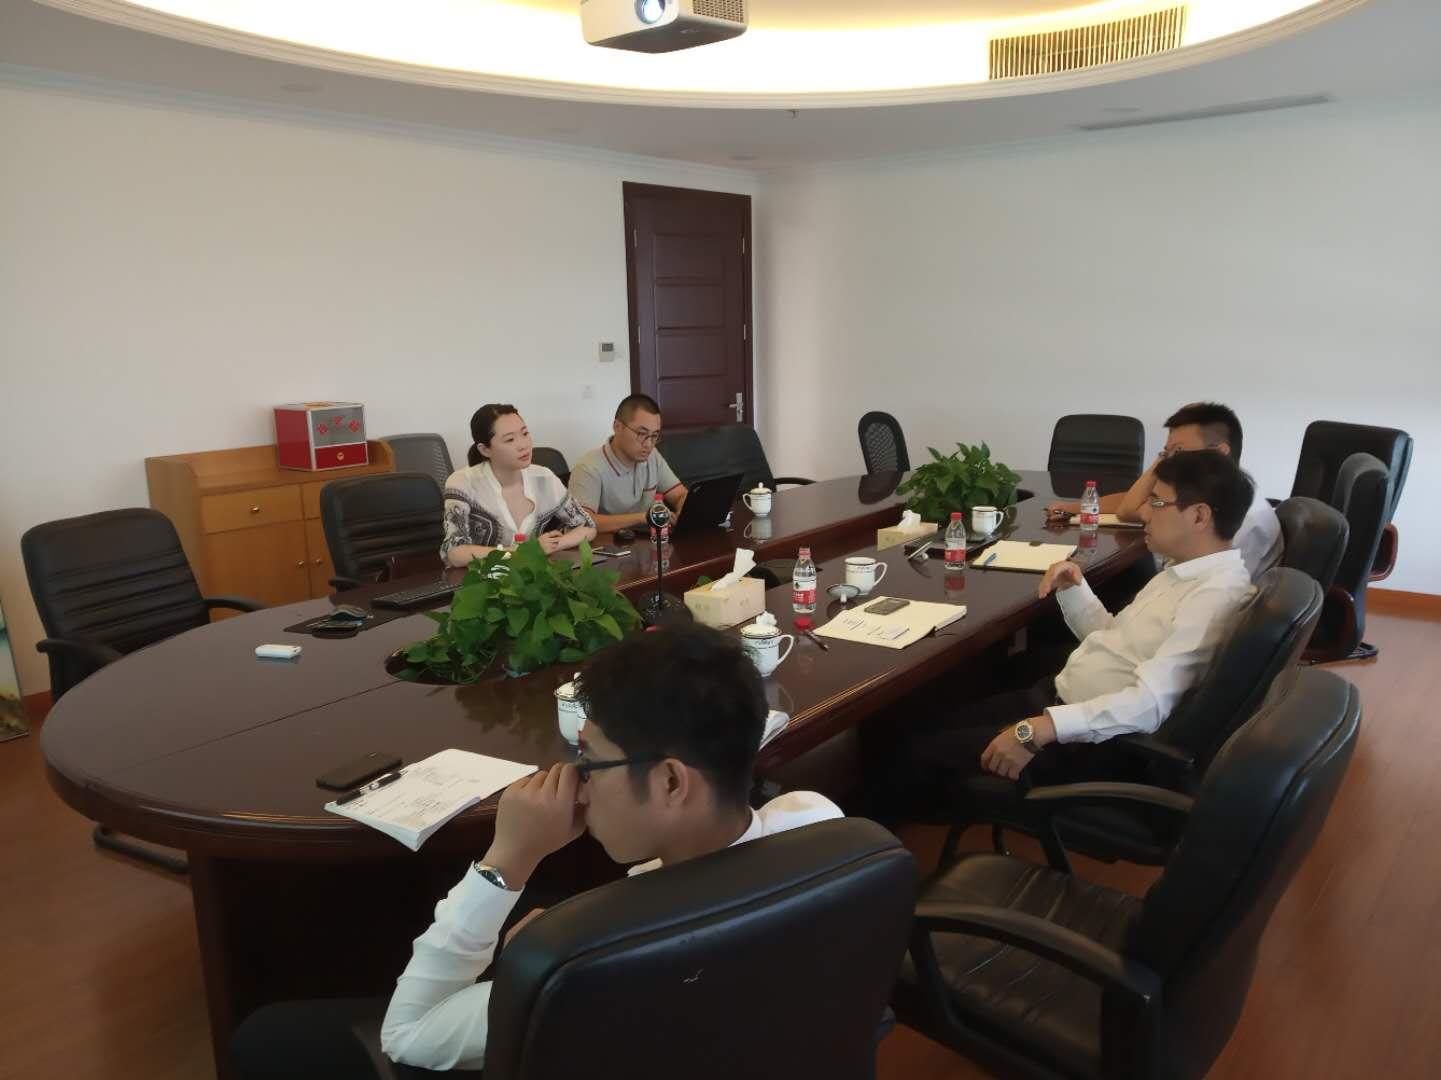 中德企业咨询机构合能环境来bwinchina官网集团考察交流